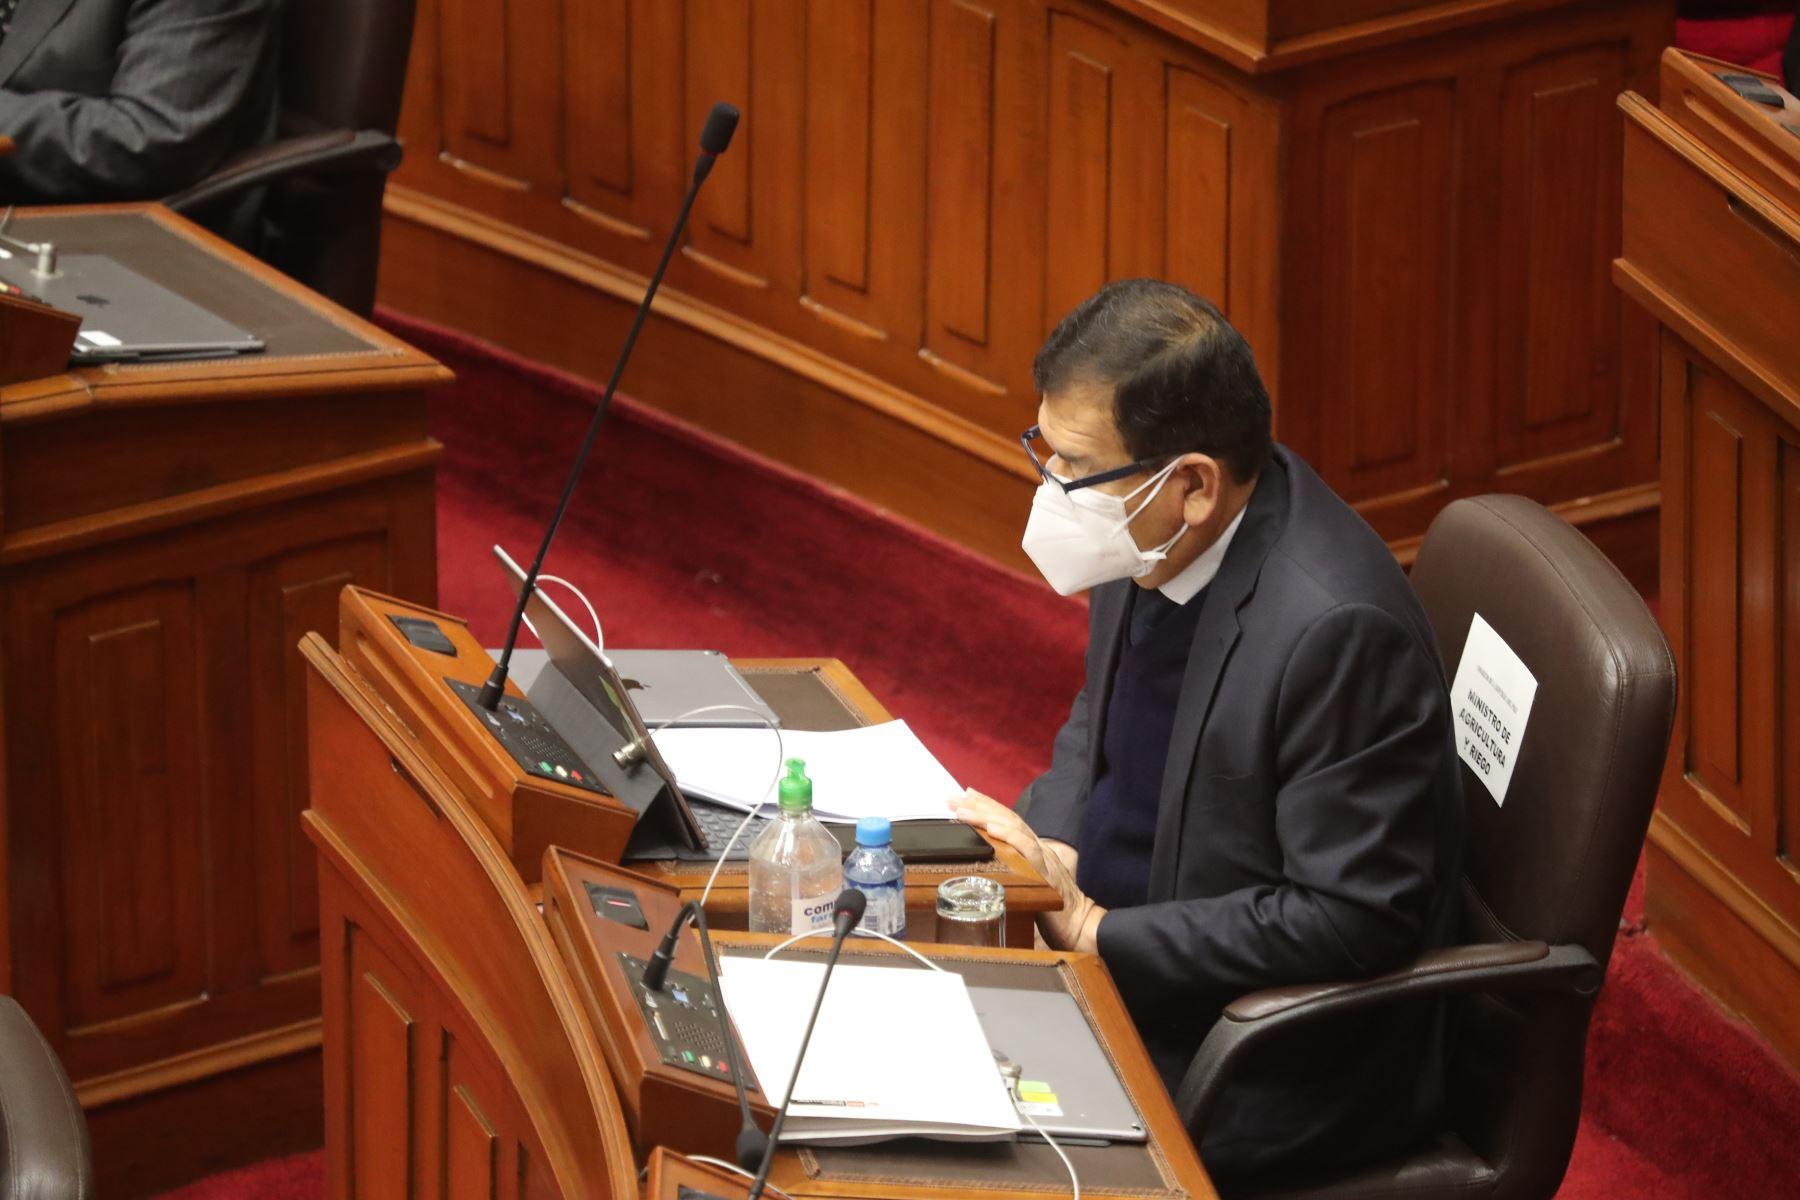 Ministro de Agricultura y Riego, Jorge Montenegro, participa de la presentación del Gabinete ante la sesión virtual de Pleno del Congreso. Foto: PCM